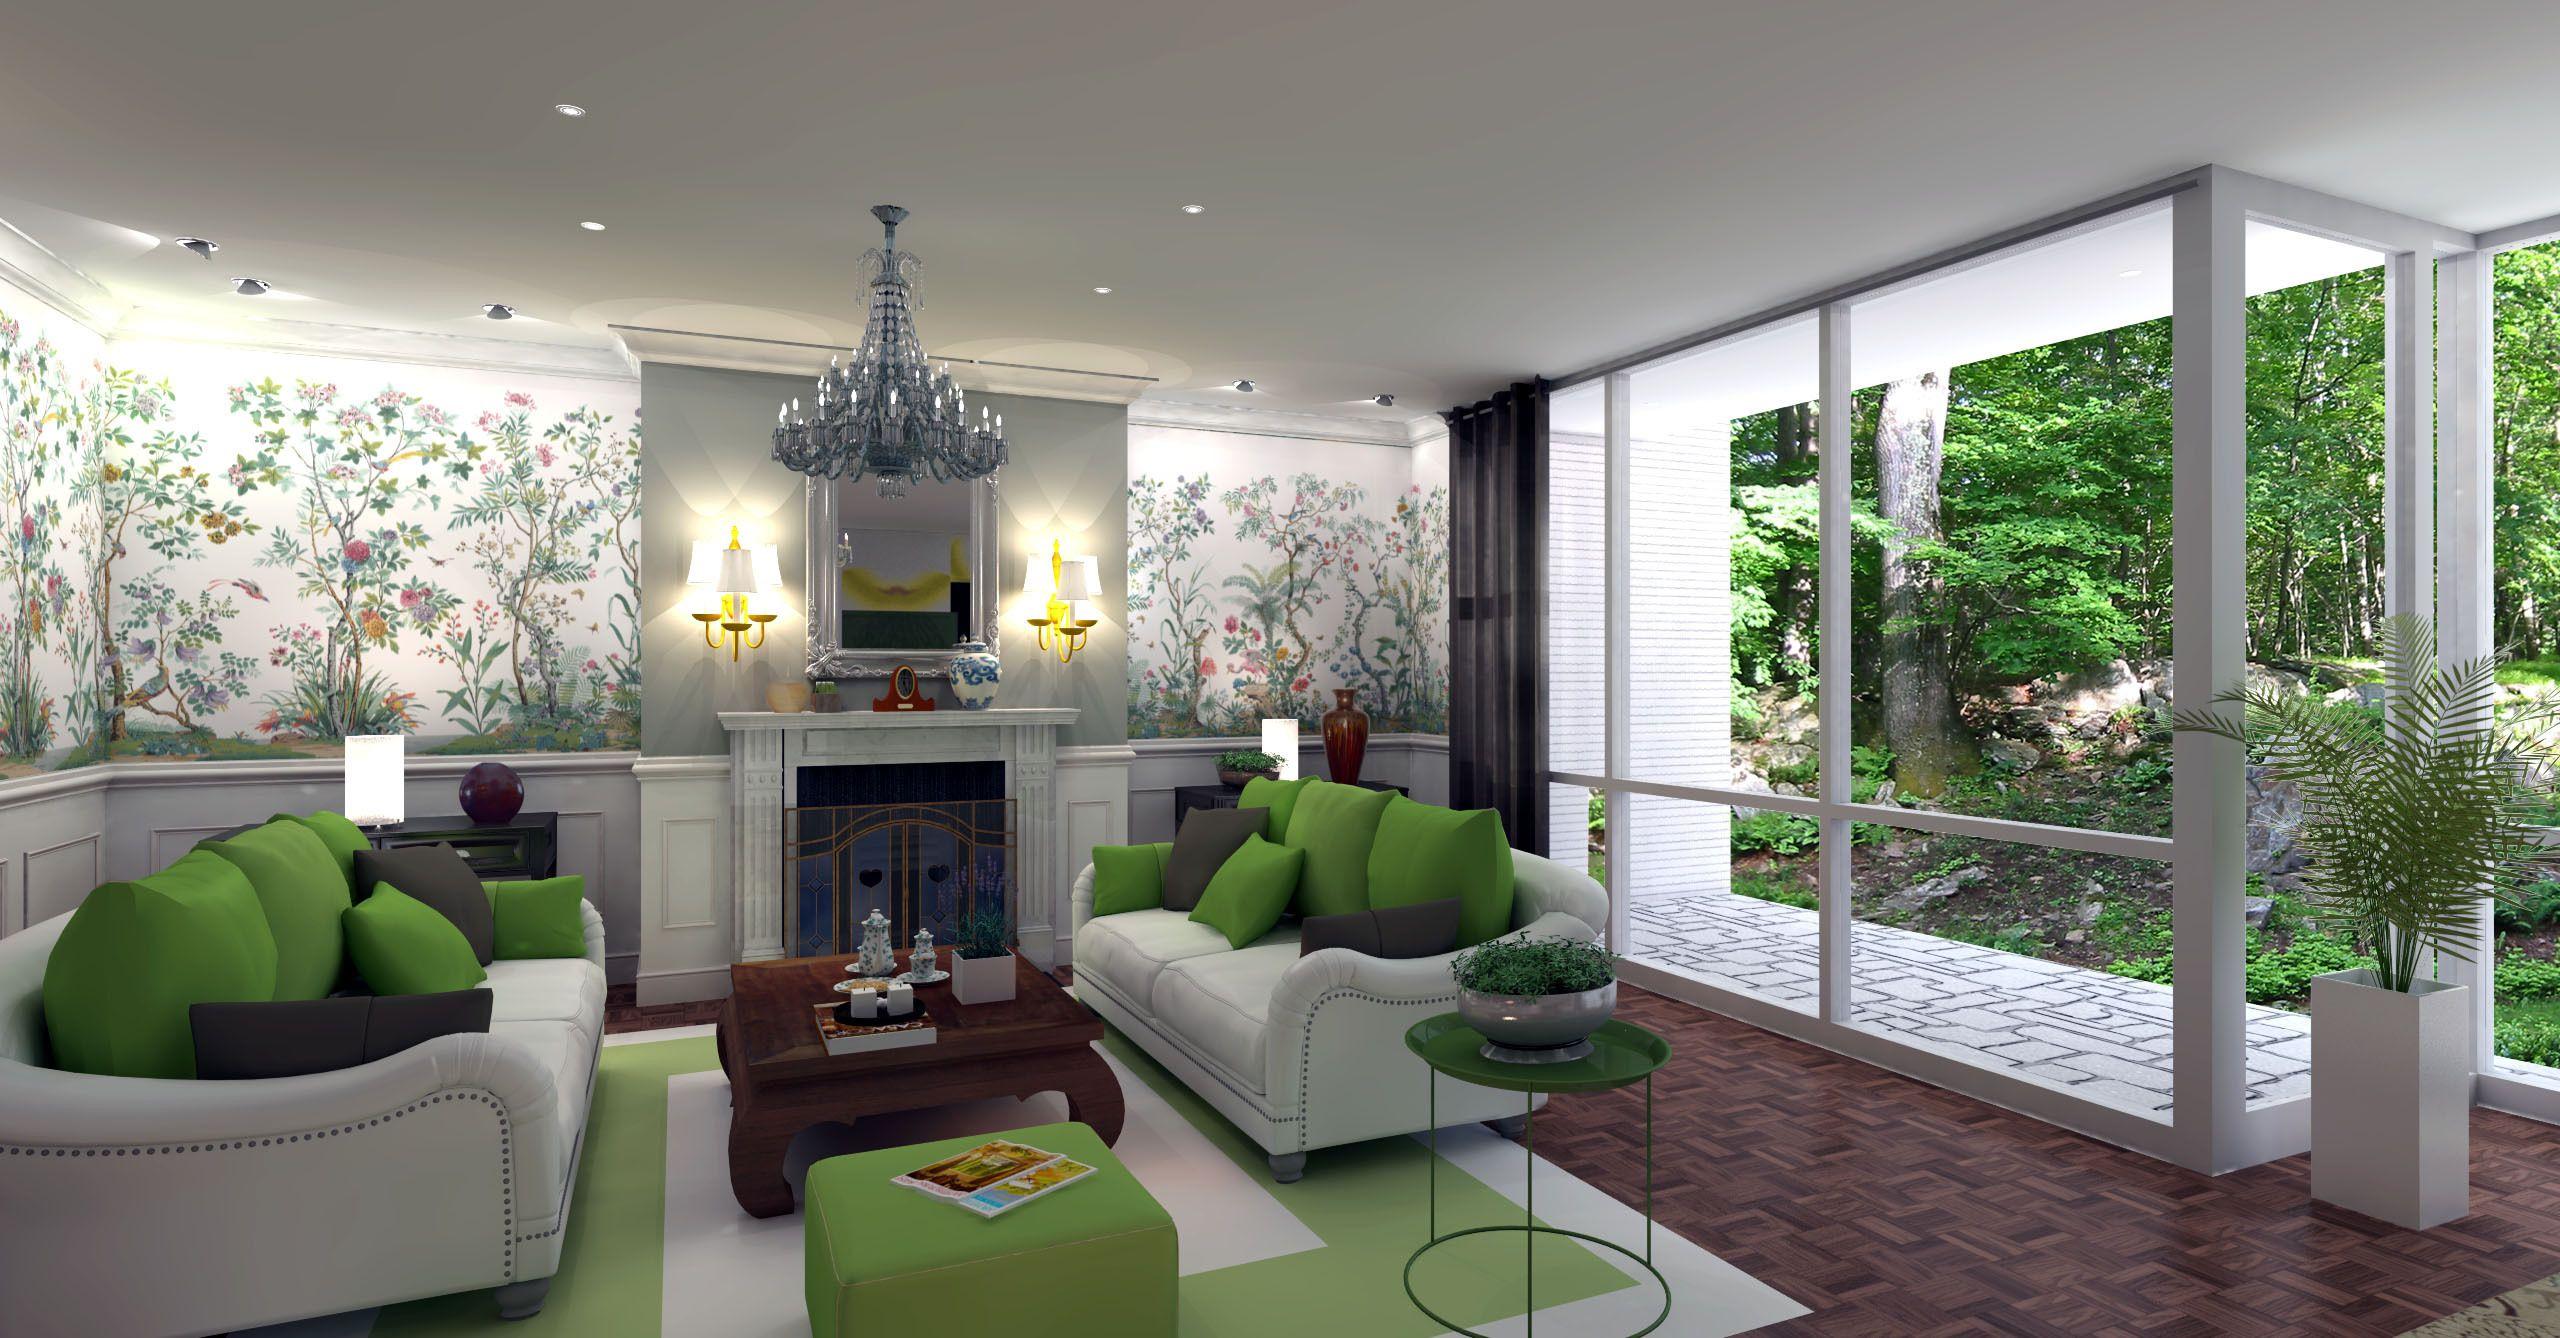 Photos santa monica interior design meetup by gloria - Santa monica interior design firms ...